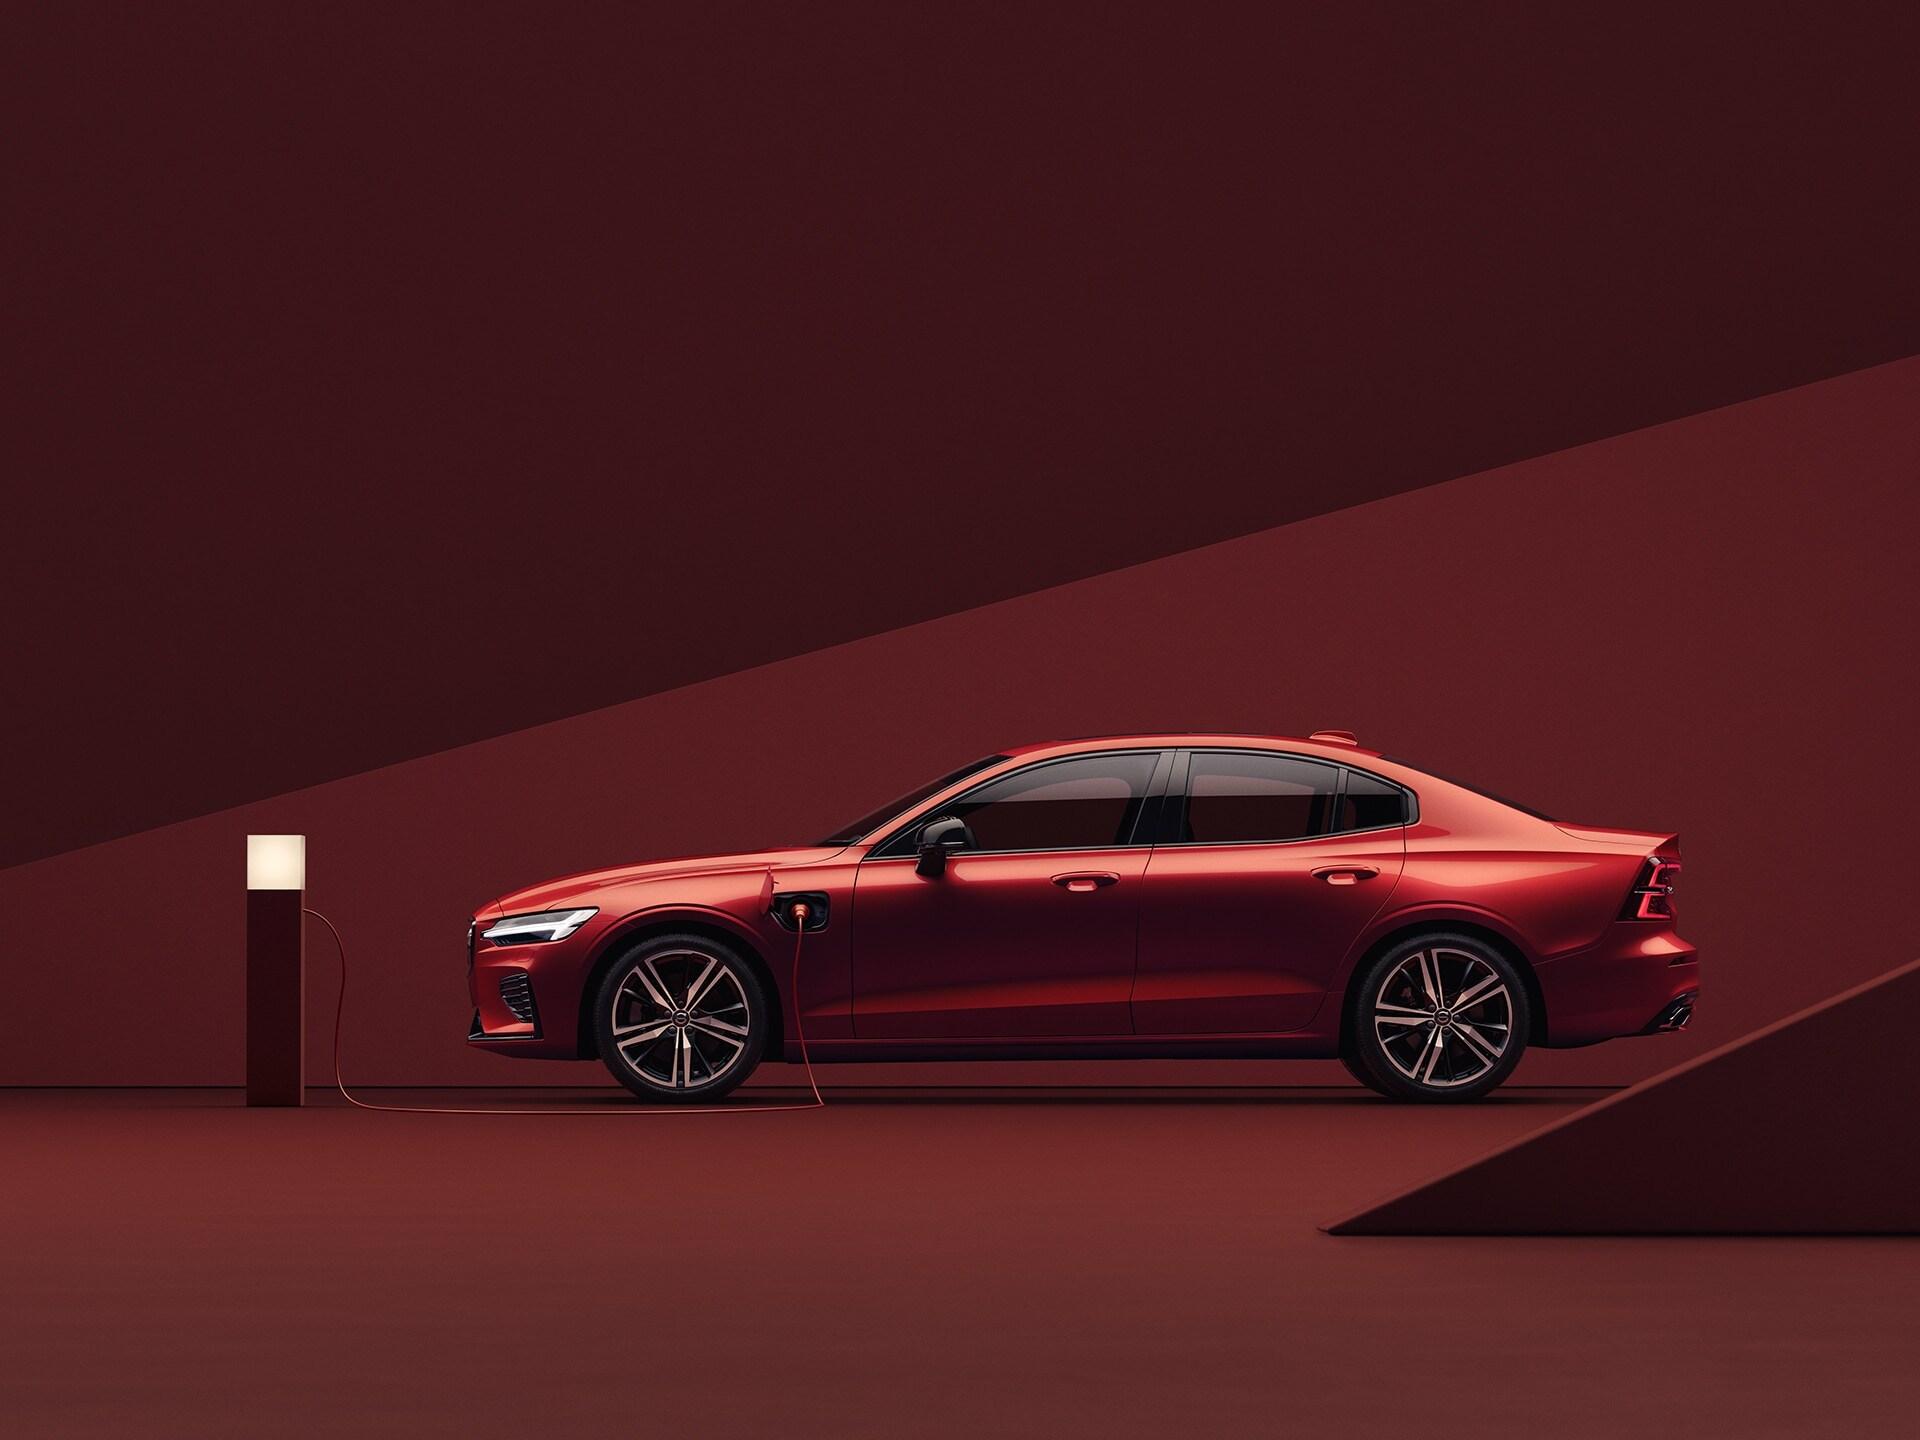 Crveni Volvo S60 Recharge se puni u crvenoj okolini.